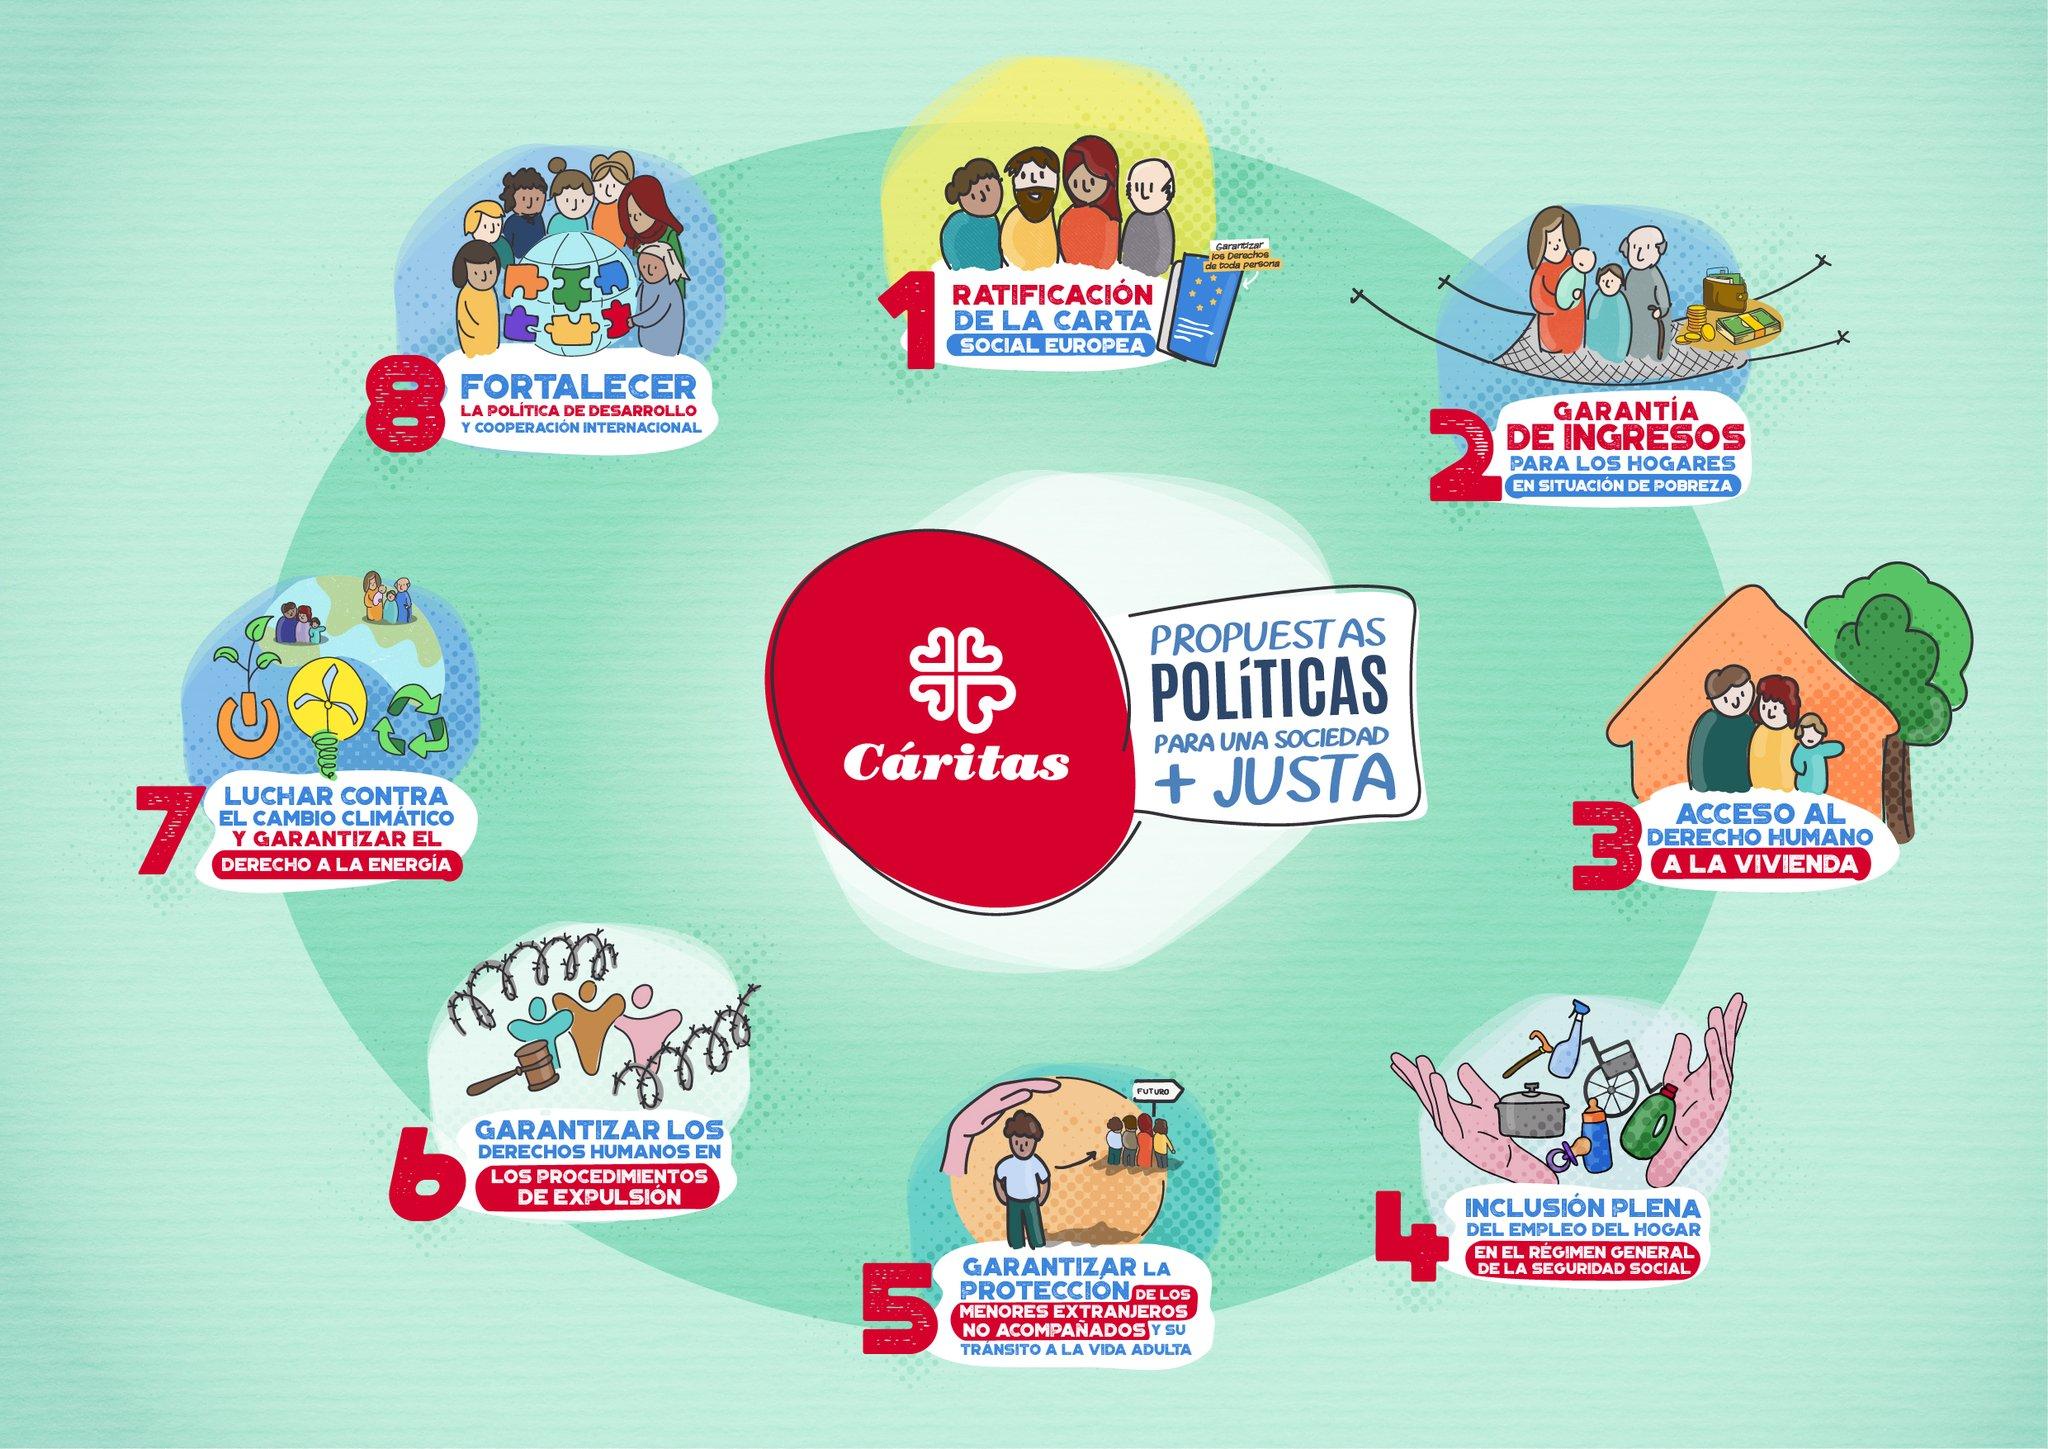 propuestas-politicas-28A-caritas